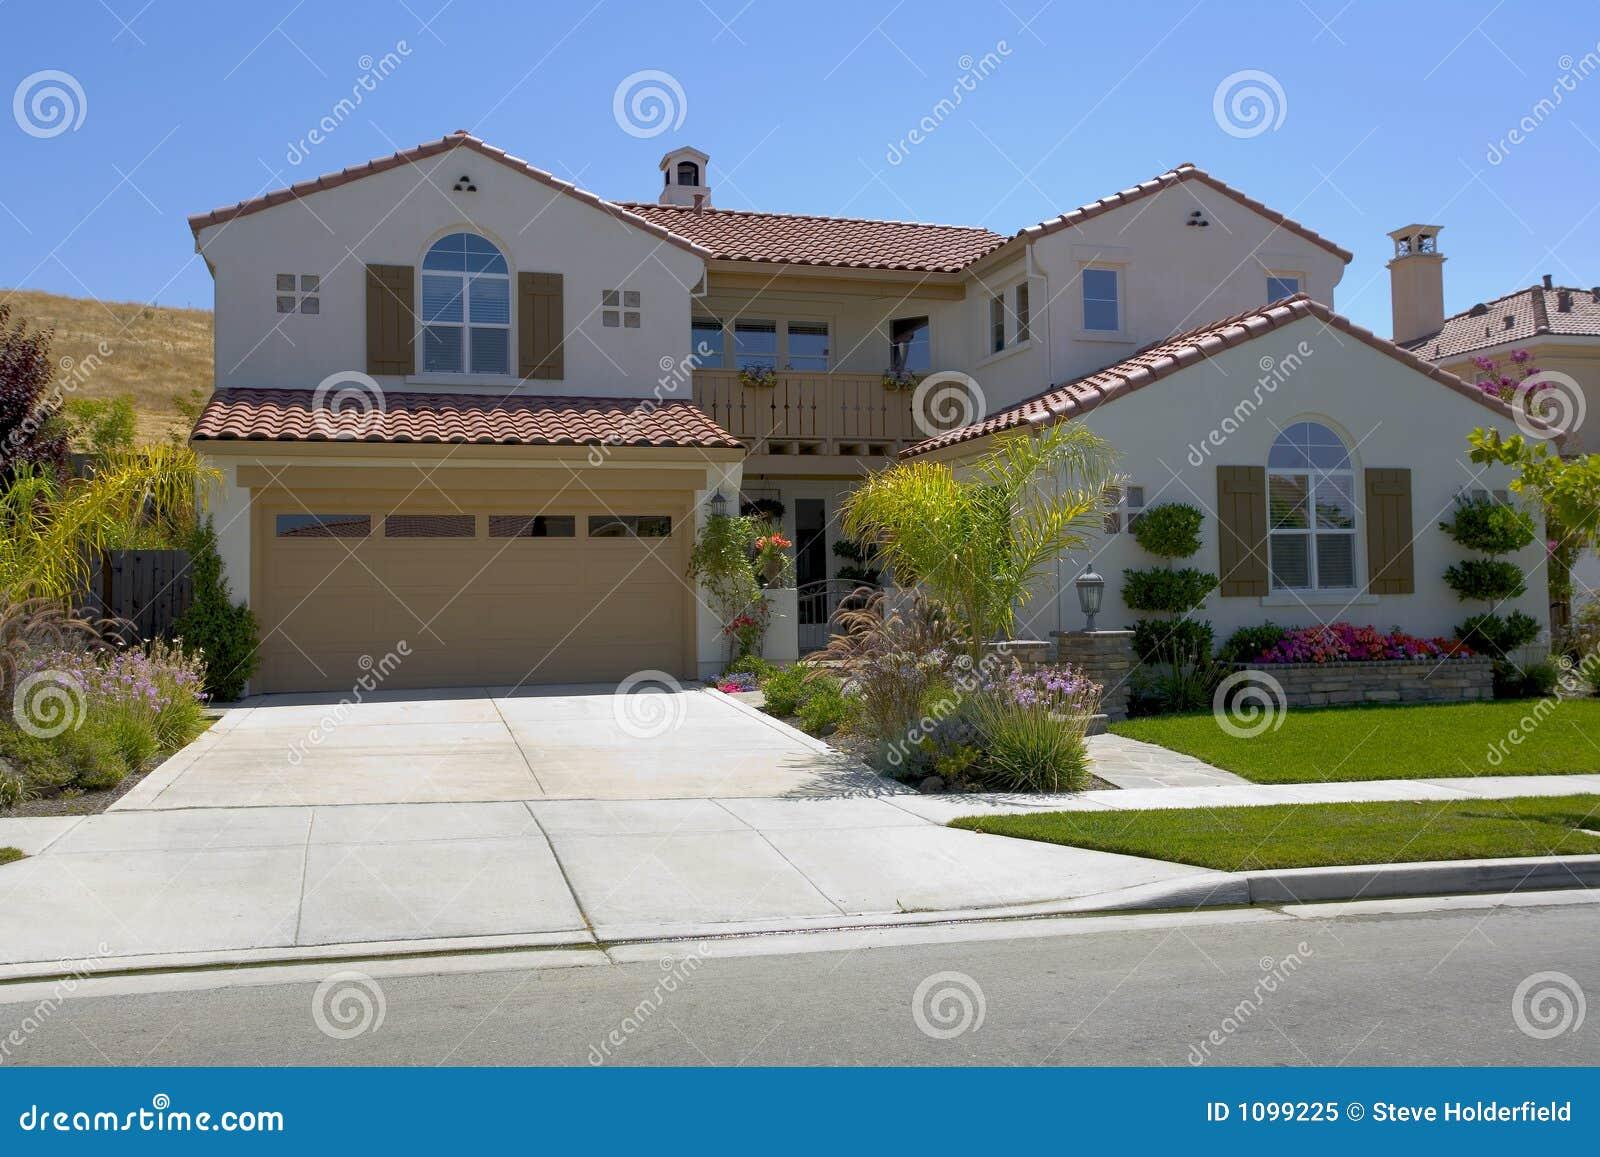 Grande maison m diterran enne two story de type photo - Rever d une grande maison ...